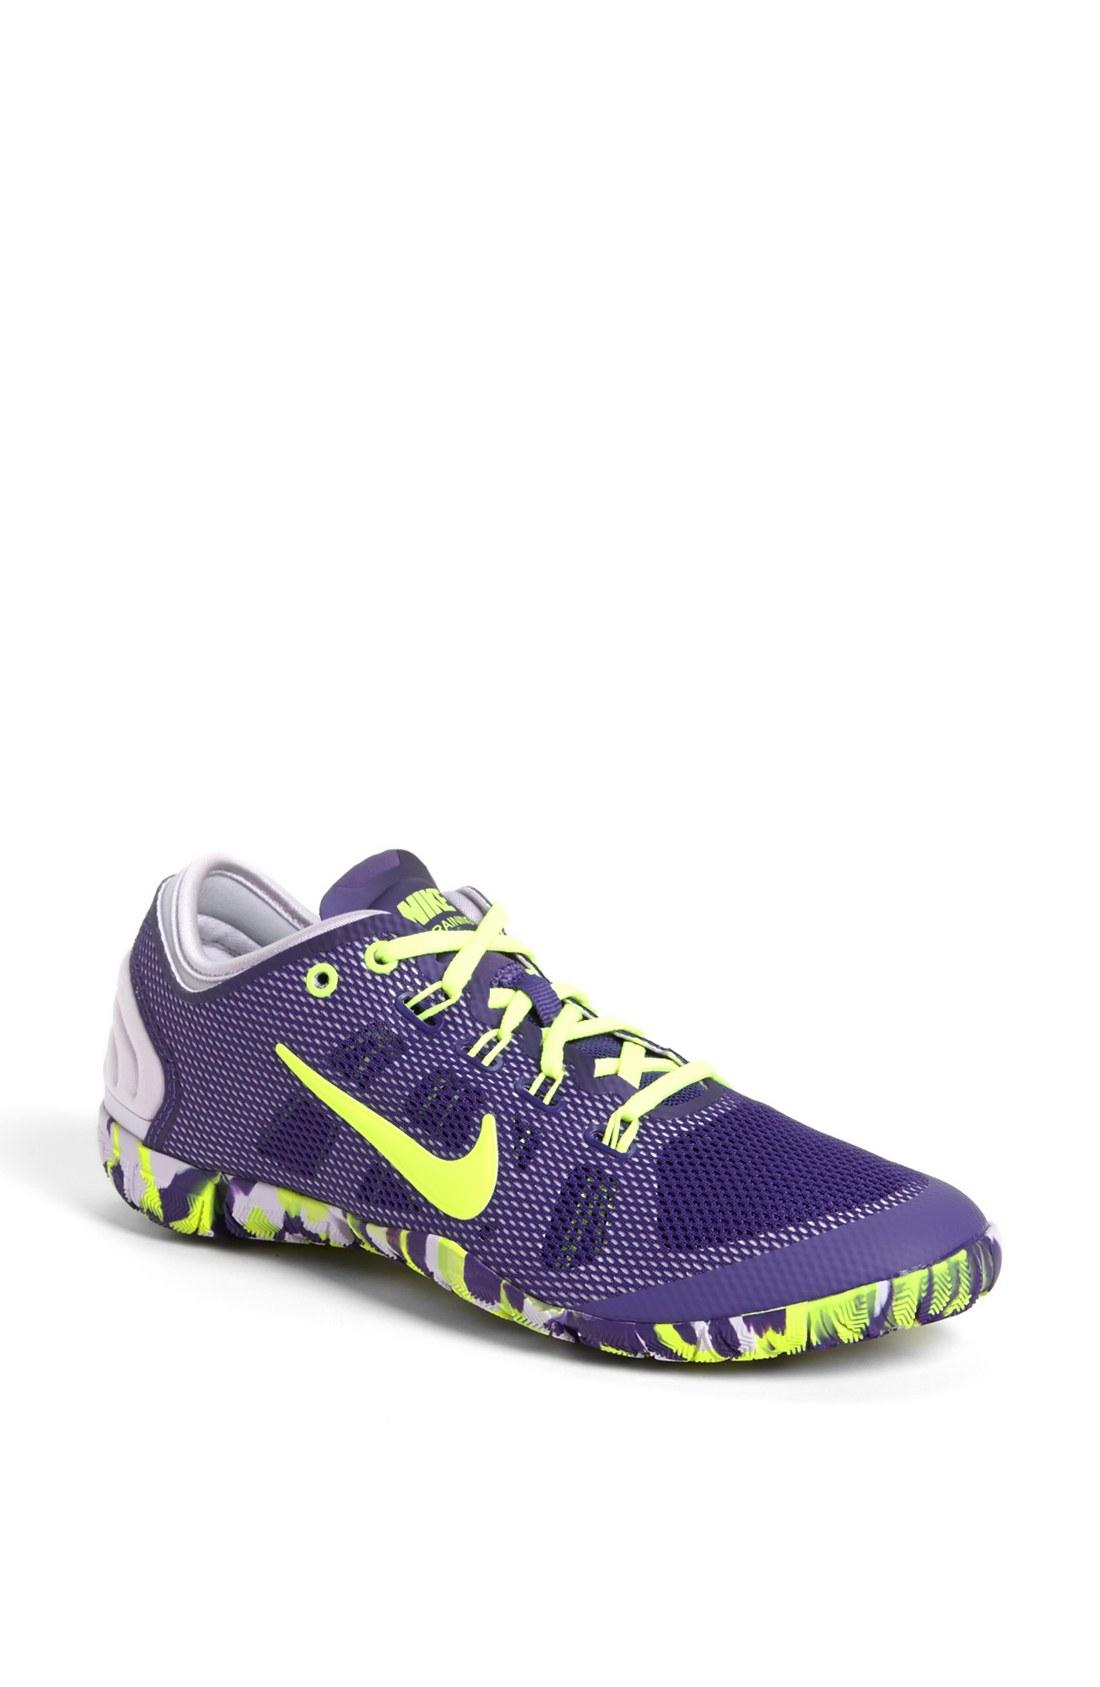 Nike Free Bionic Training Shoe in Purple (Purple/ Frost ...